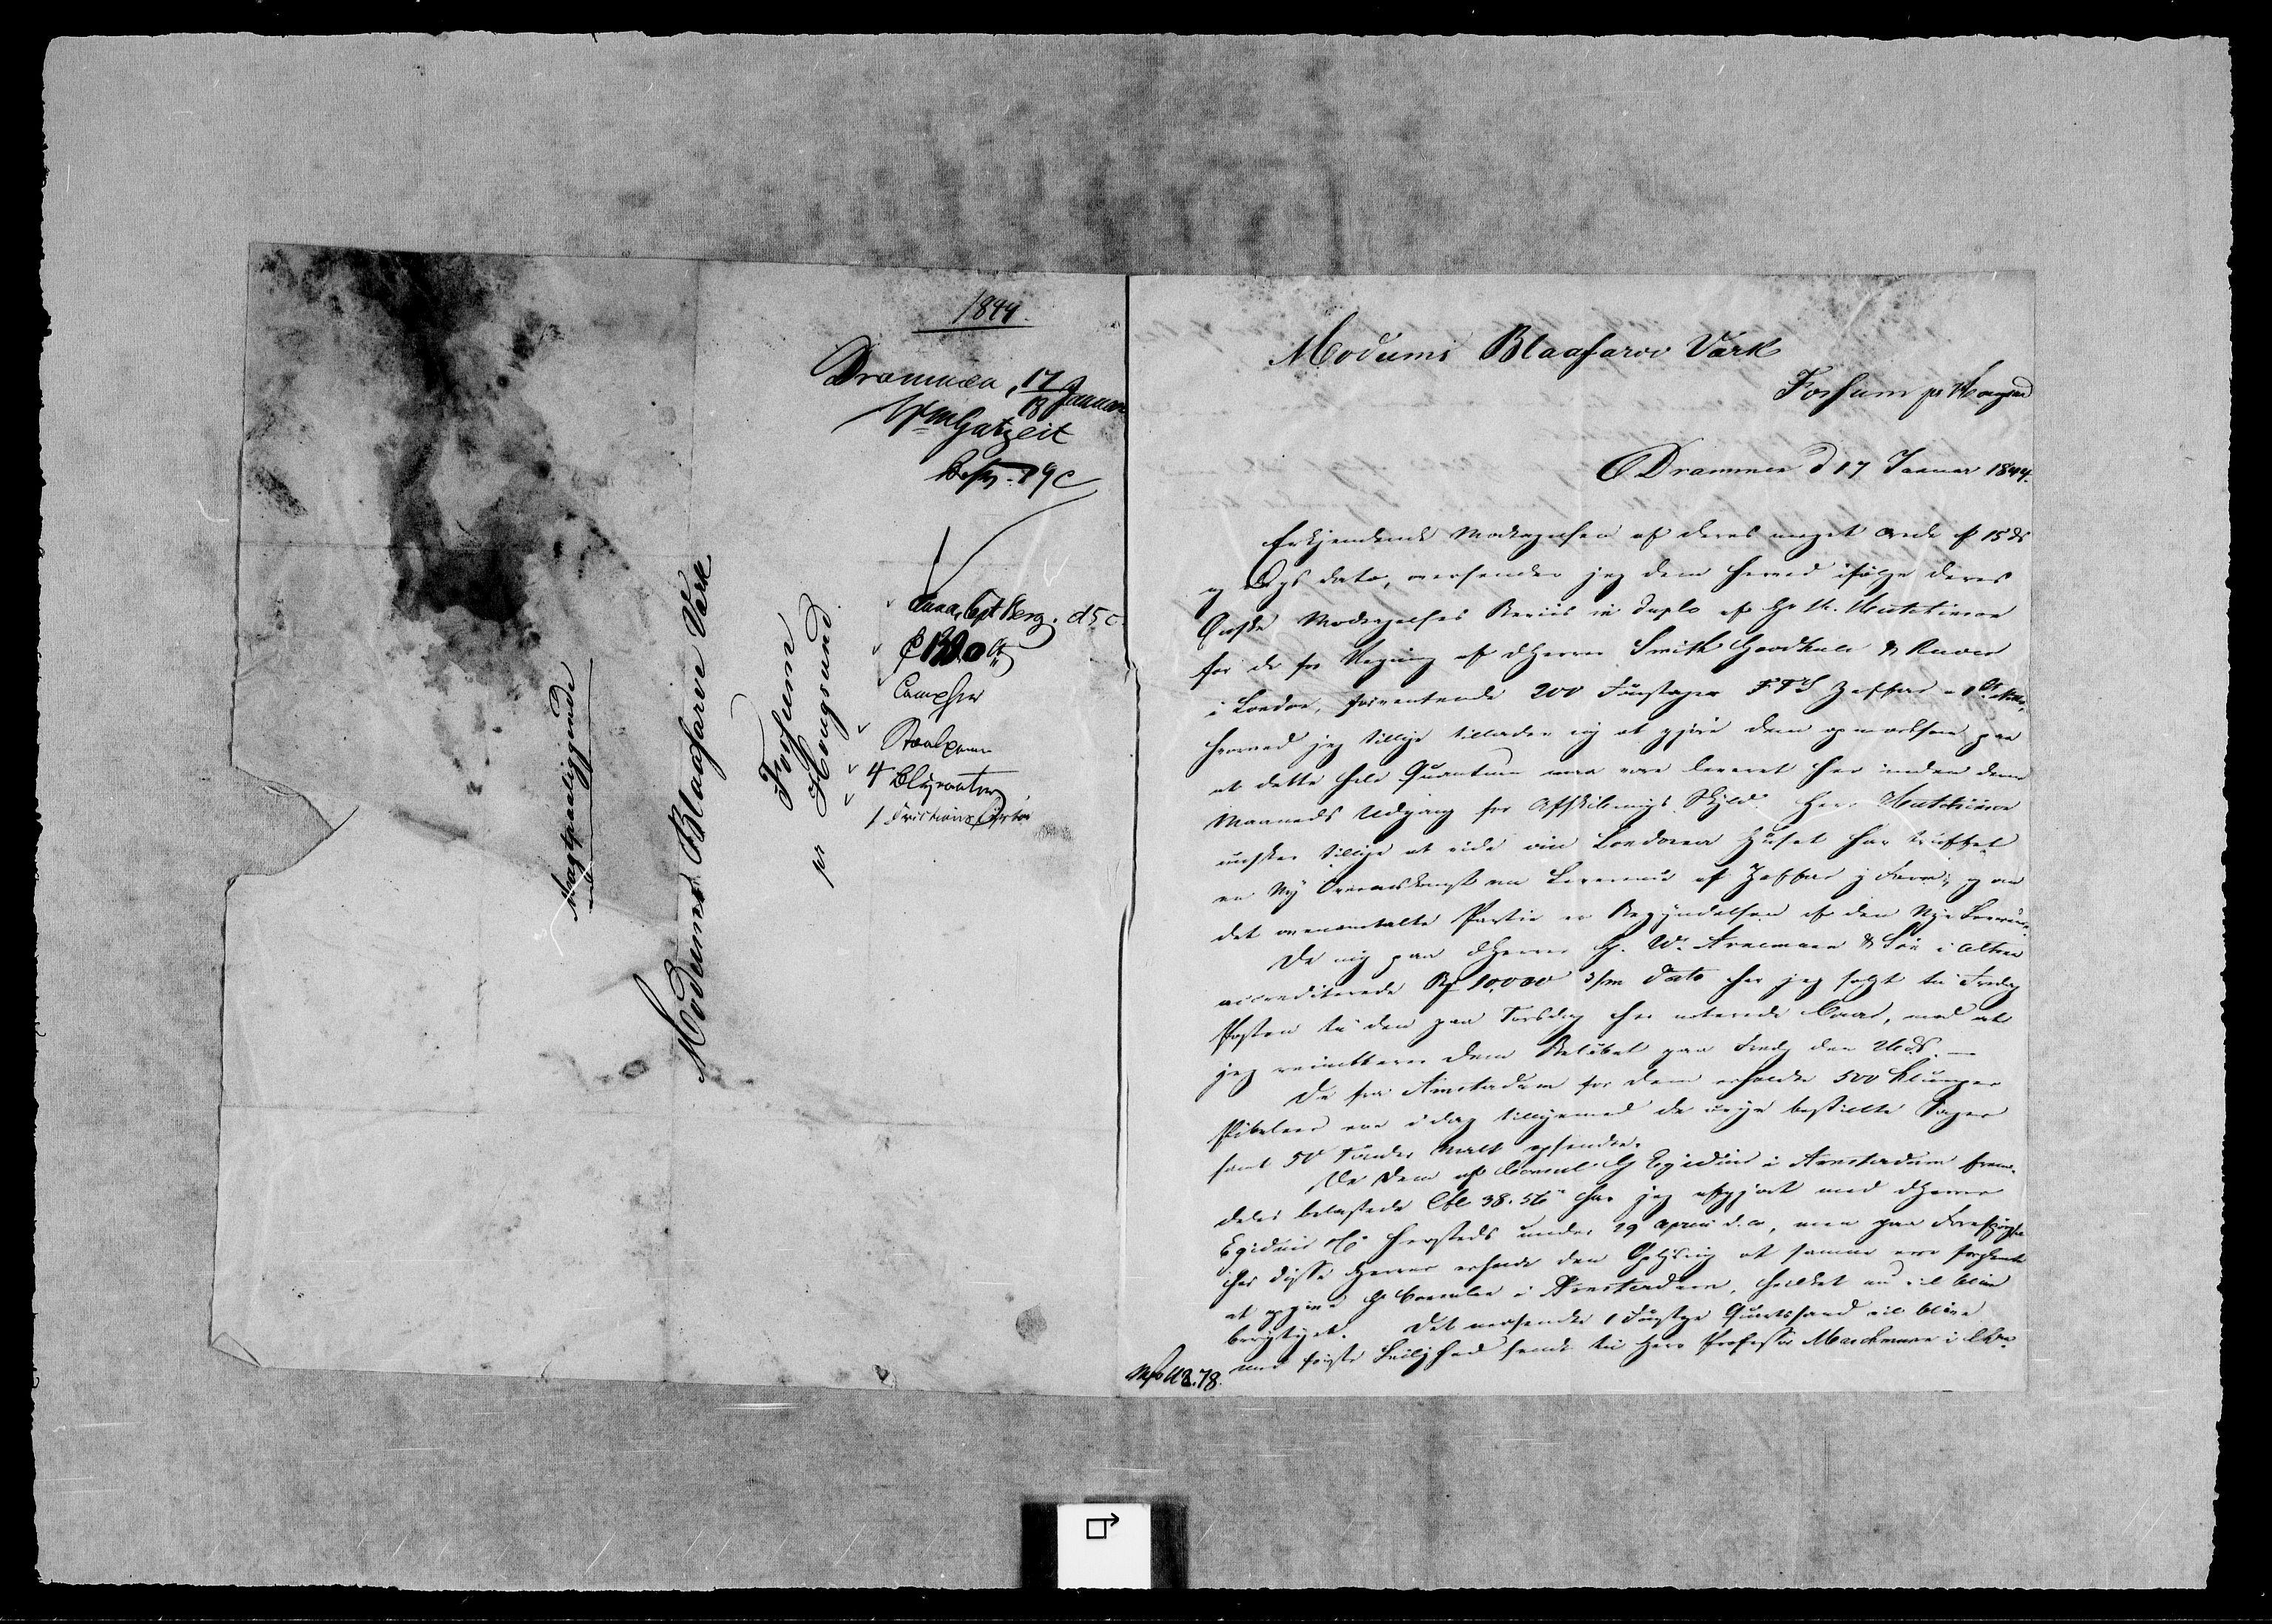 RA, Modums Blaafarveværk, G/Gb/L0129, 1844-1845, s. 2